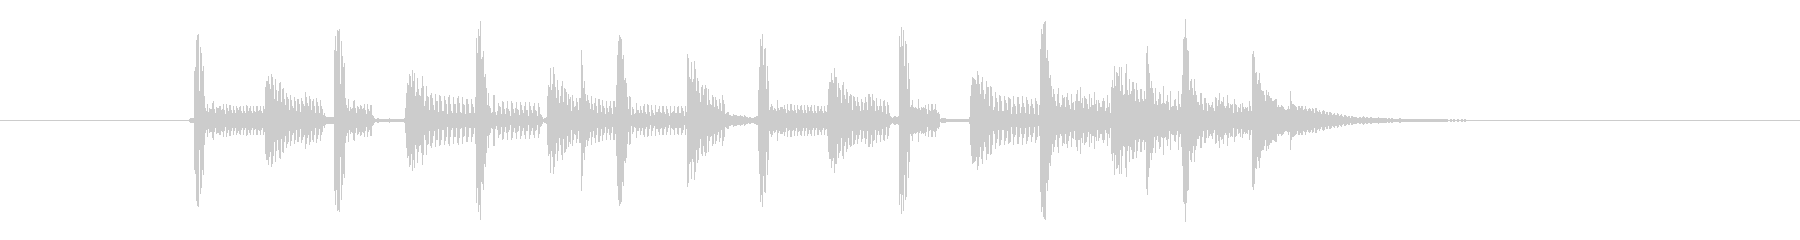 バンドサウンドなジングルの未再生の波形